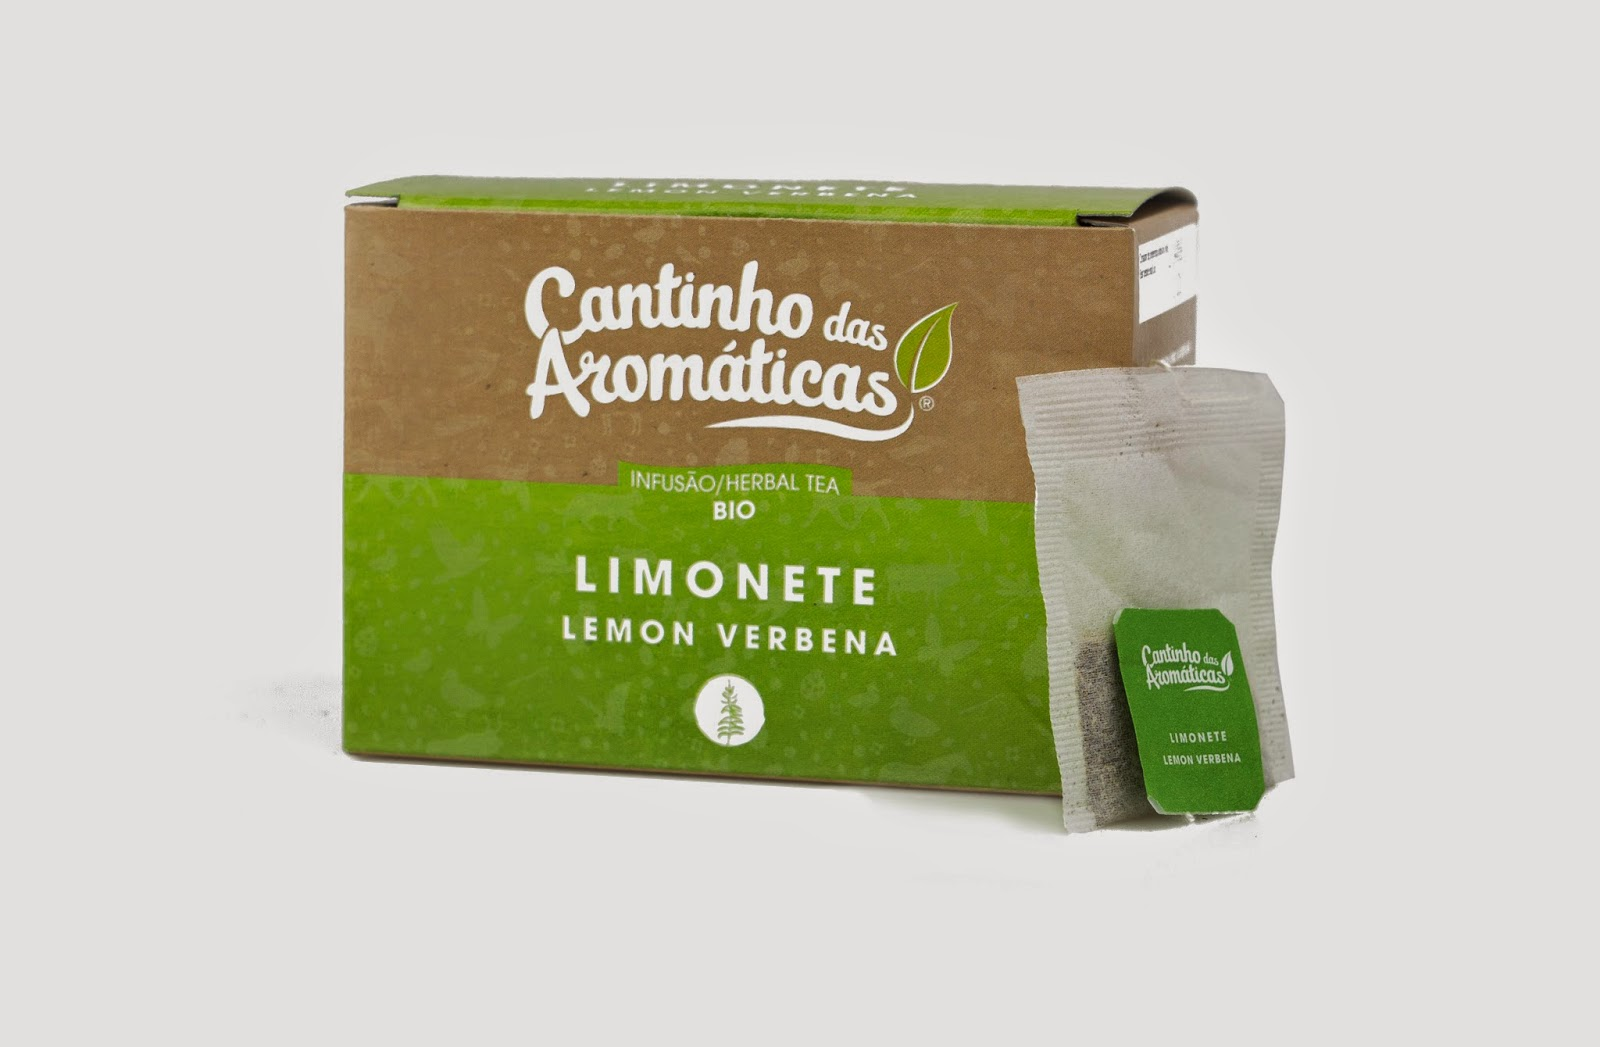 http://www.cantinhodasaromaticas.pt/loja/infusoes-bio-em-saquetas/limonete-infusao-bio-em-saquetas/